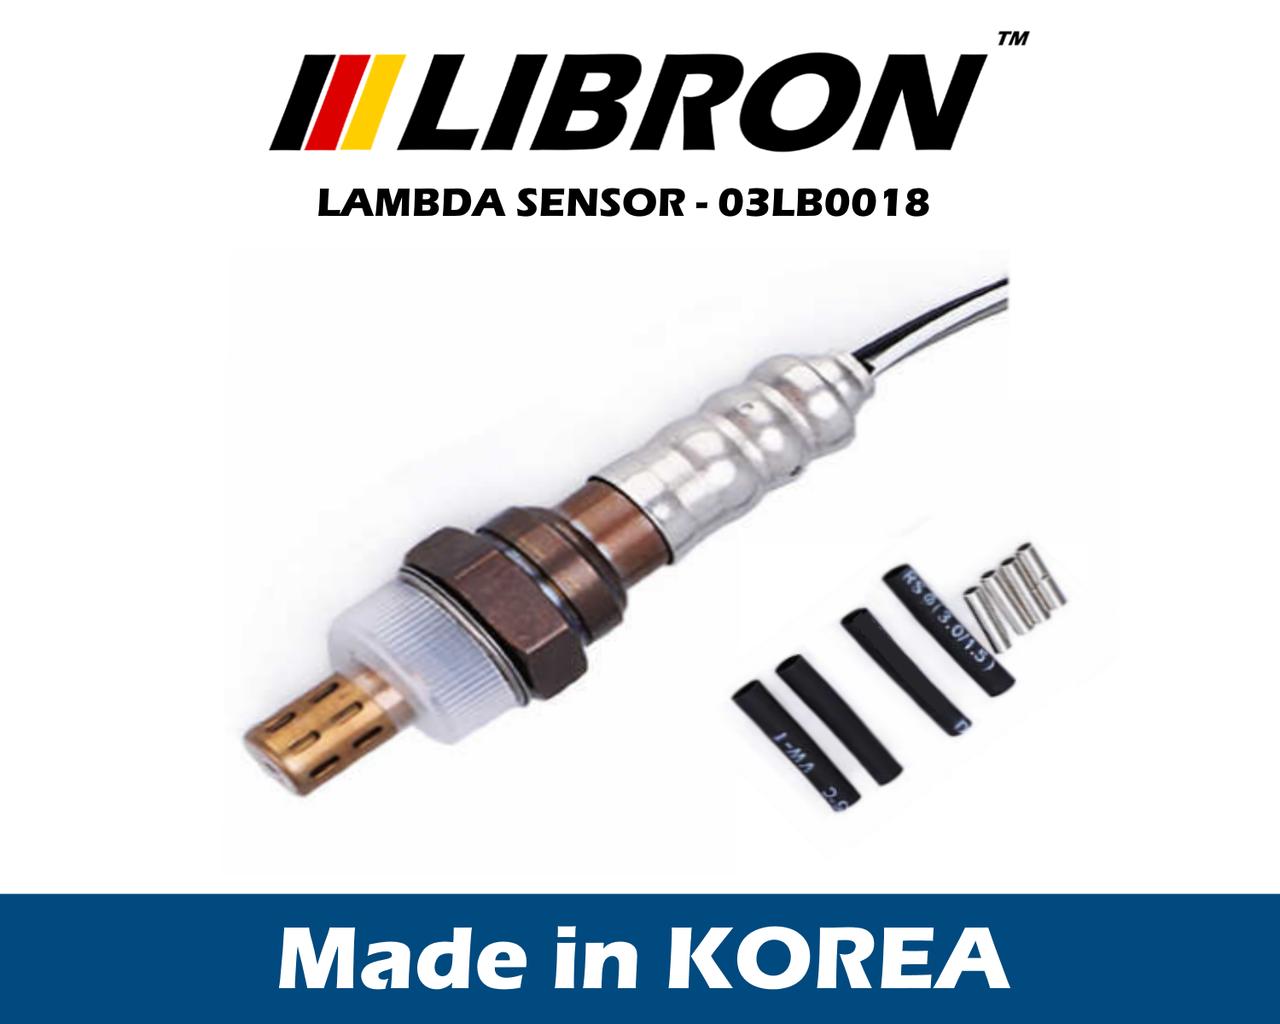 Лямбда зонд Libron 03LB0018 - Peugeot 206 седан,  306 (7B, N3, N5)